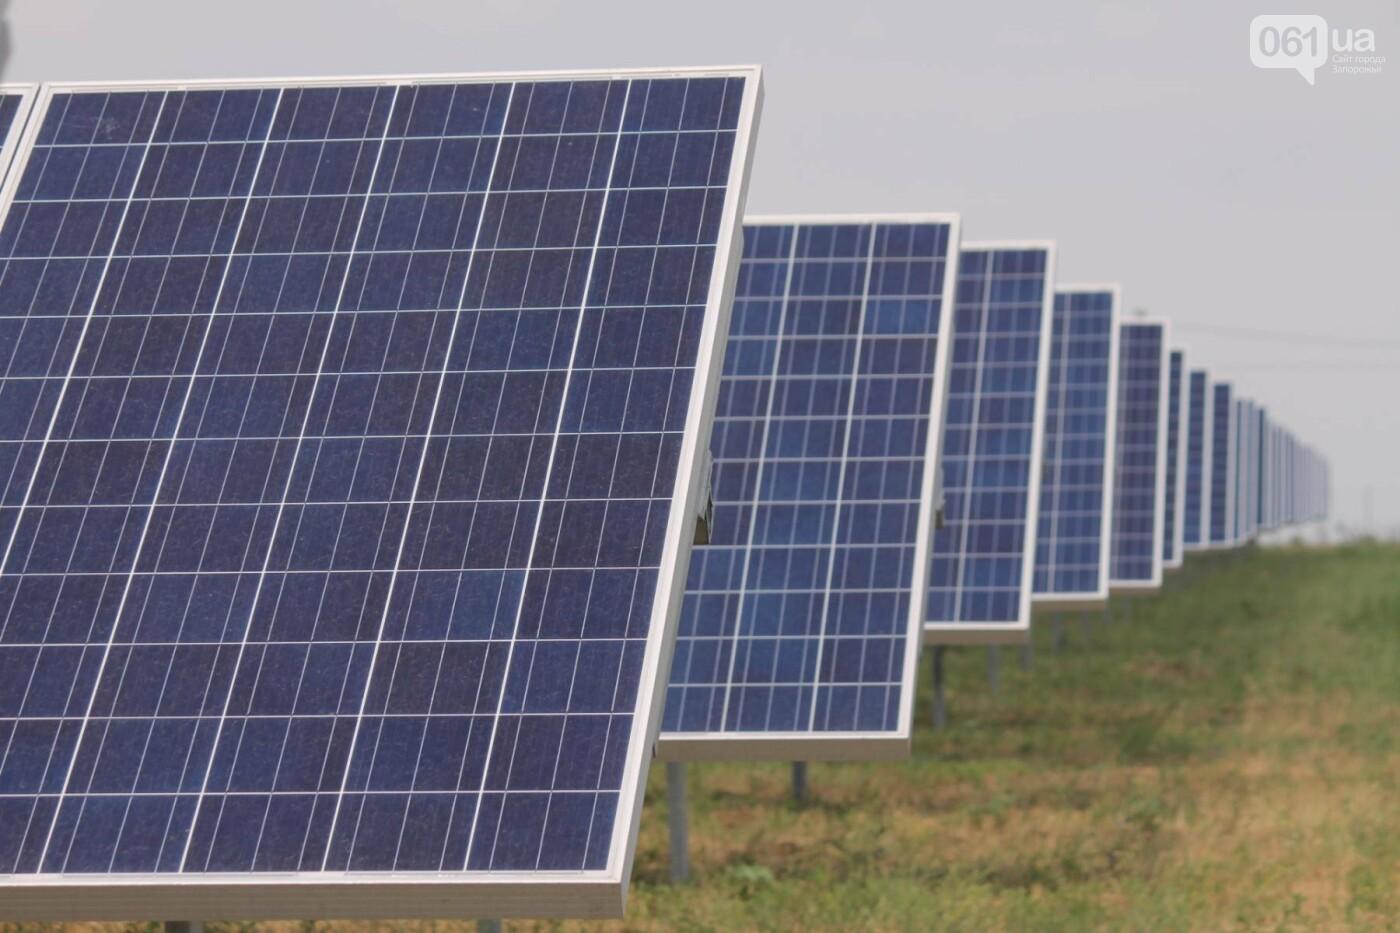 Как в Запорожской области работает крупнейшая в Украине солнечная станция: экскурсия на производство, — ФОТОРЕПОРТАЖ, фото-17